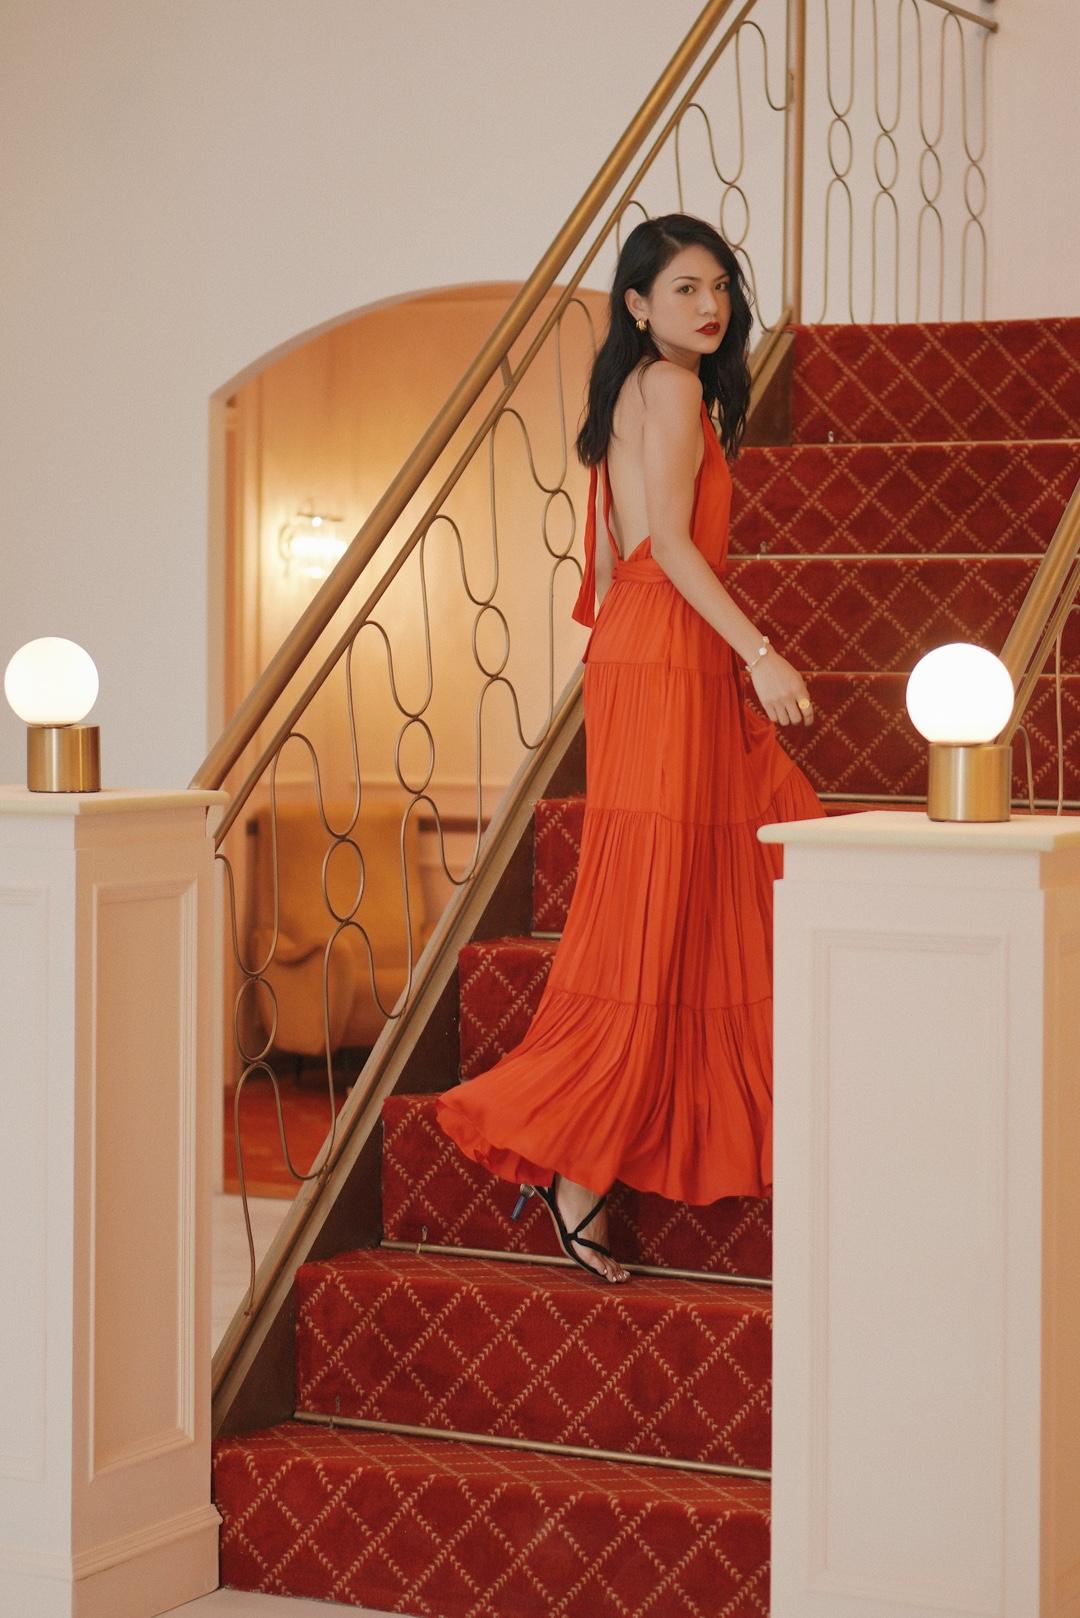 自带故事感电影大片 连衣裙:ZARA 鞋子:Jacquemus #连衣裙#